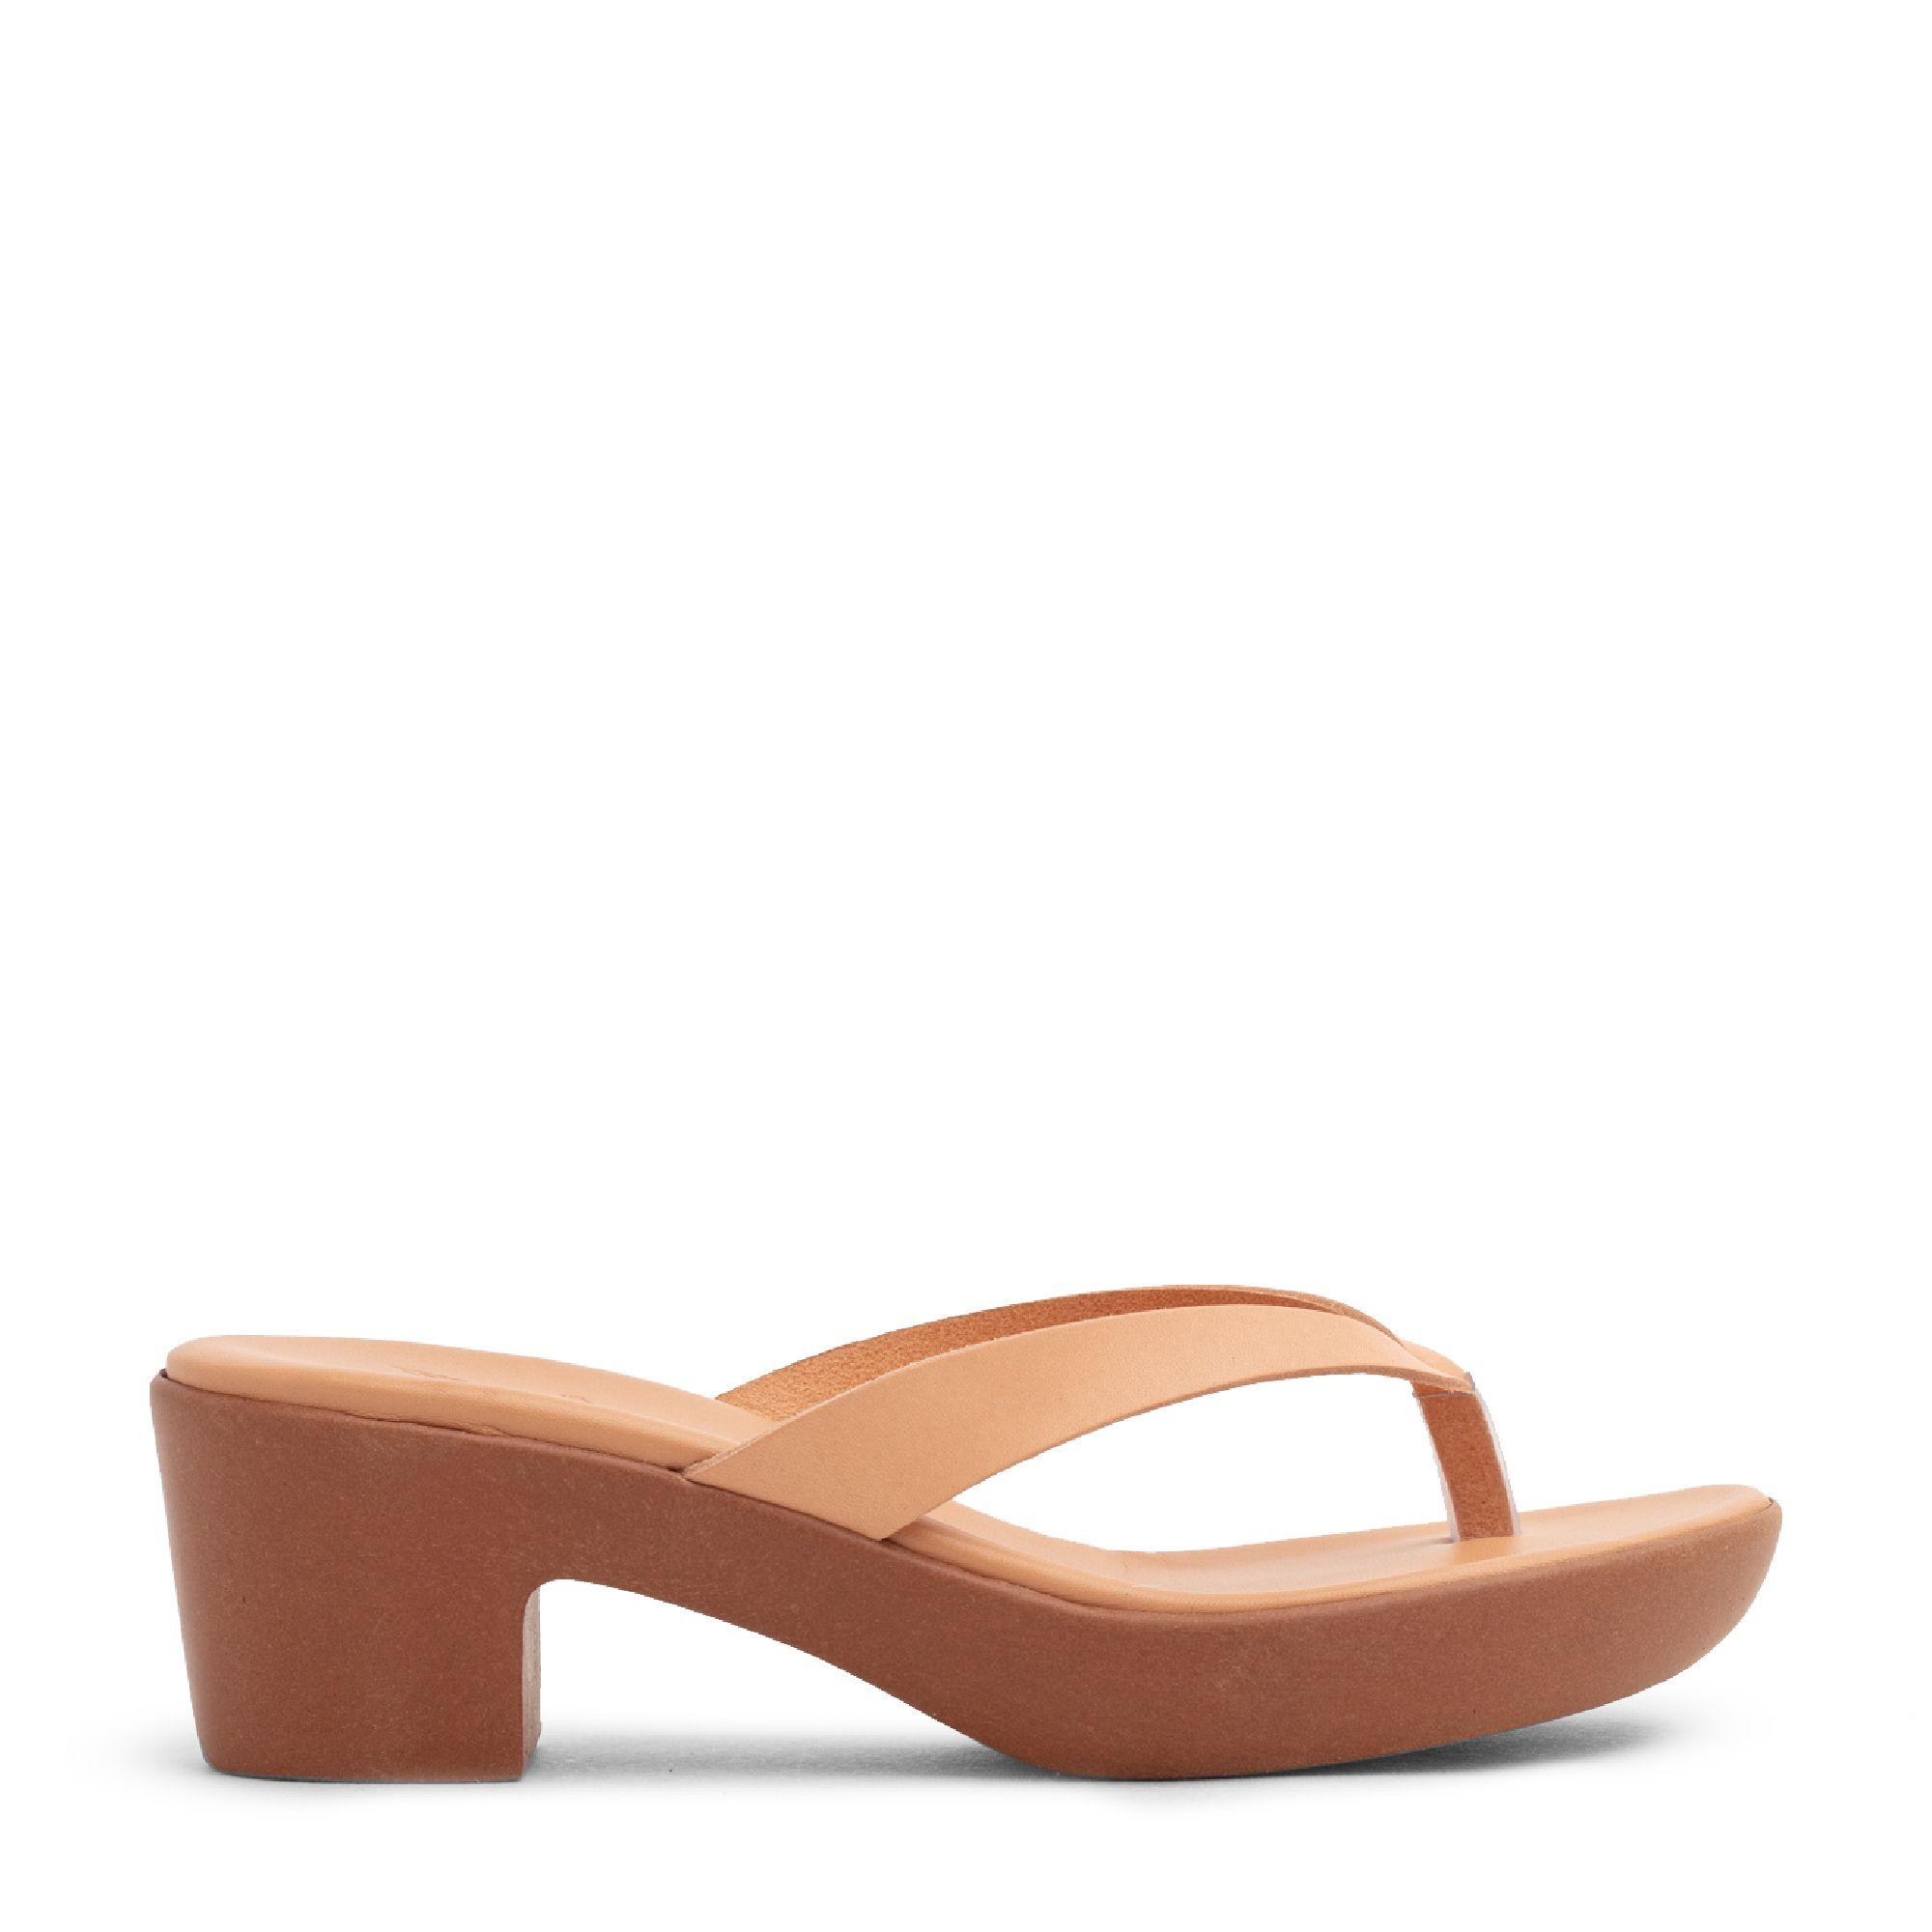 Eva comfort clogs